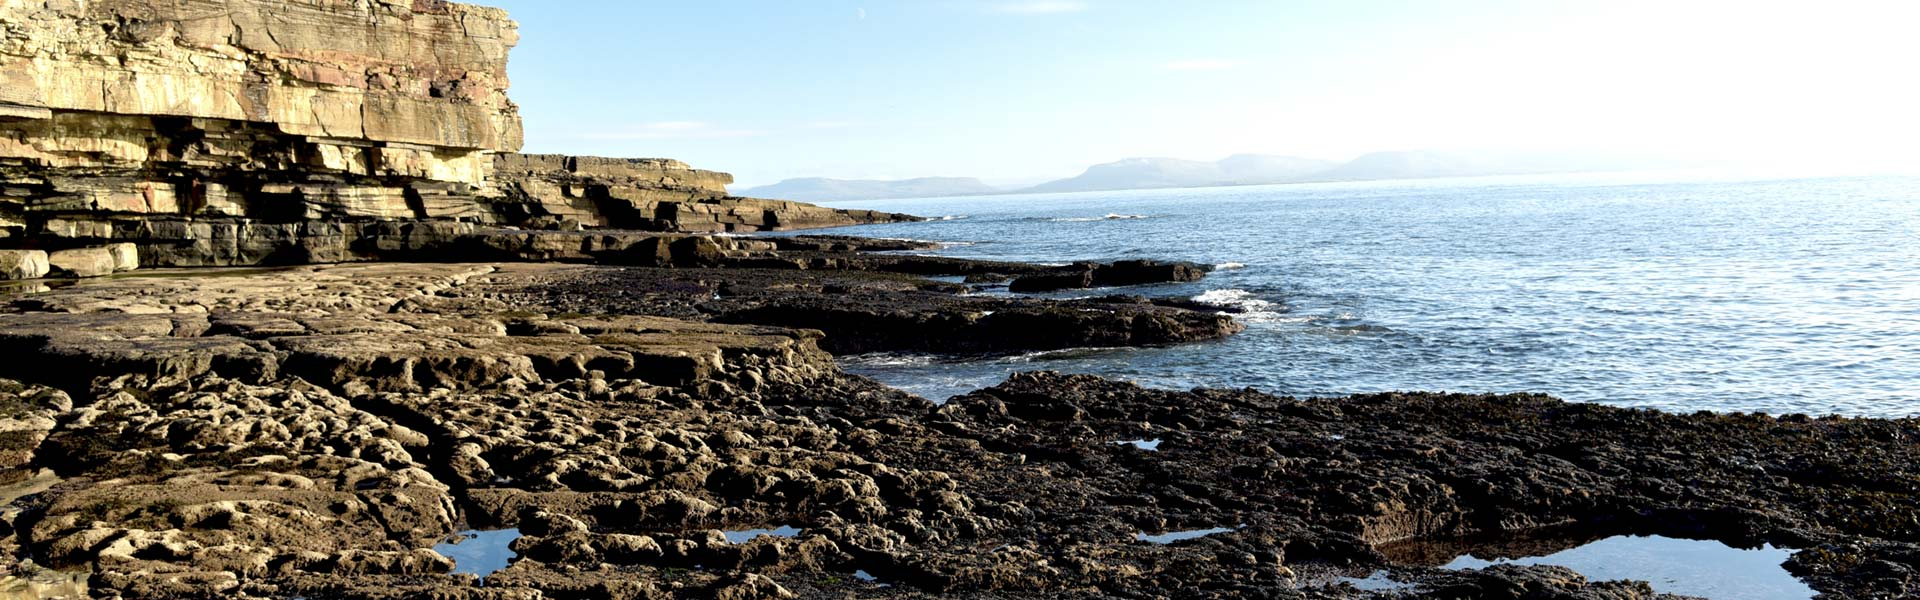 Meeresschutz Meeresalgen